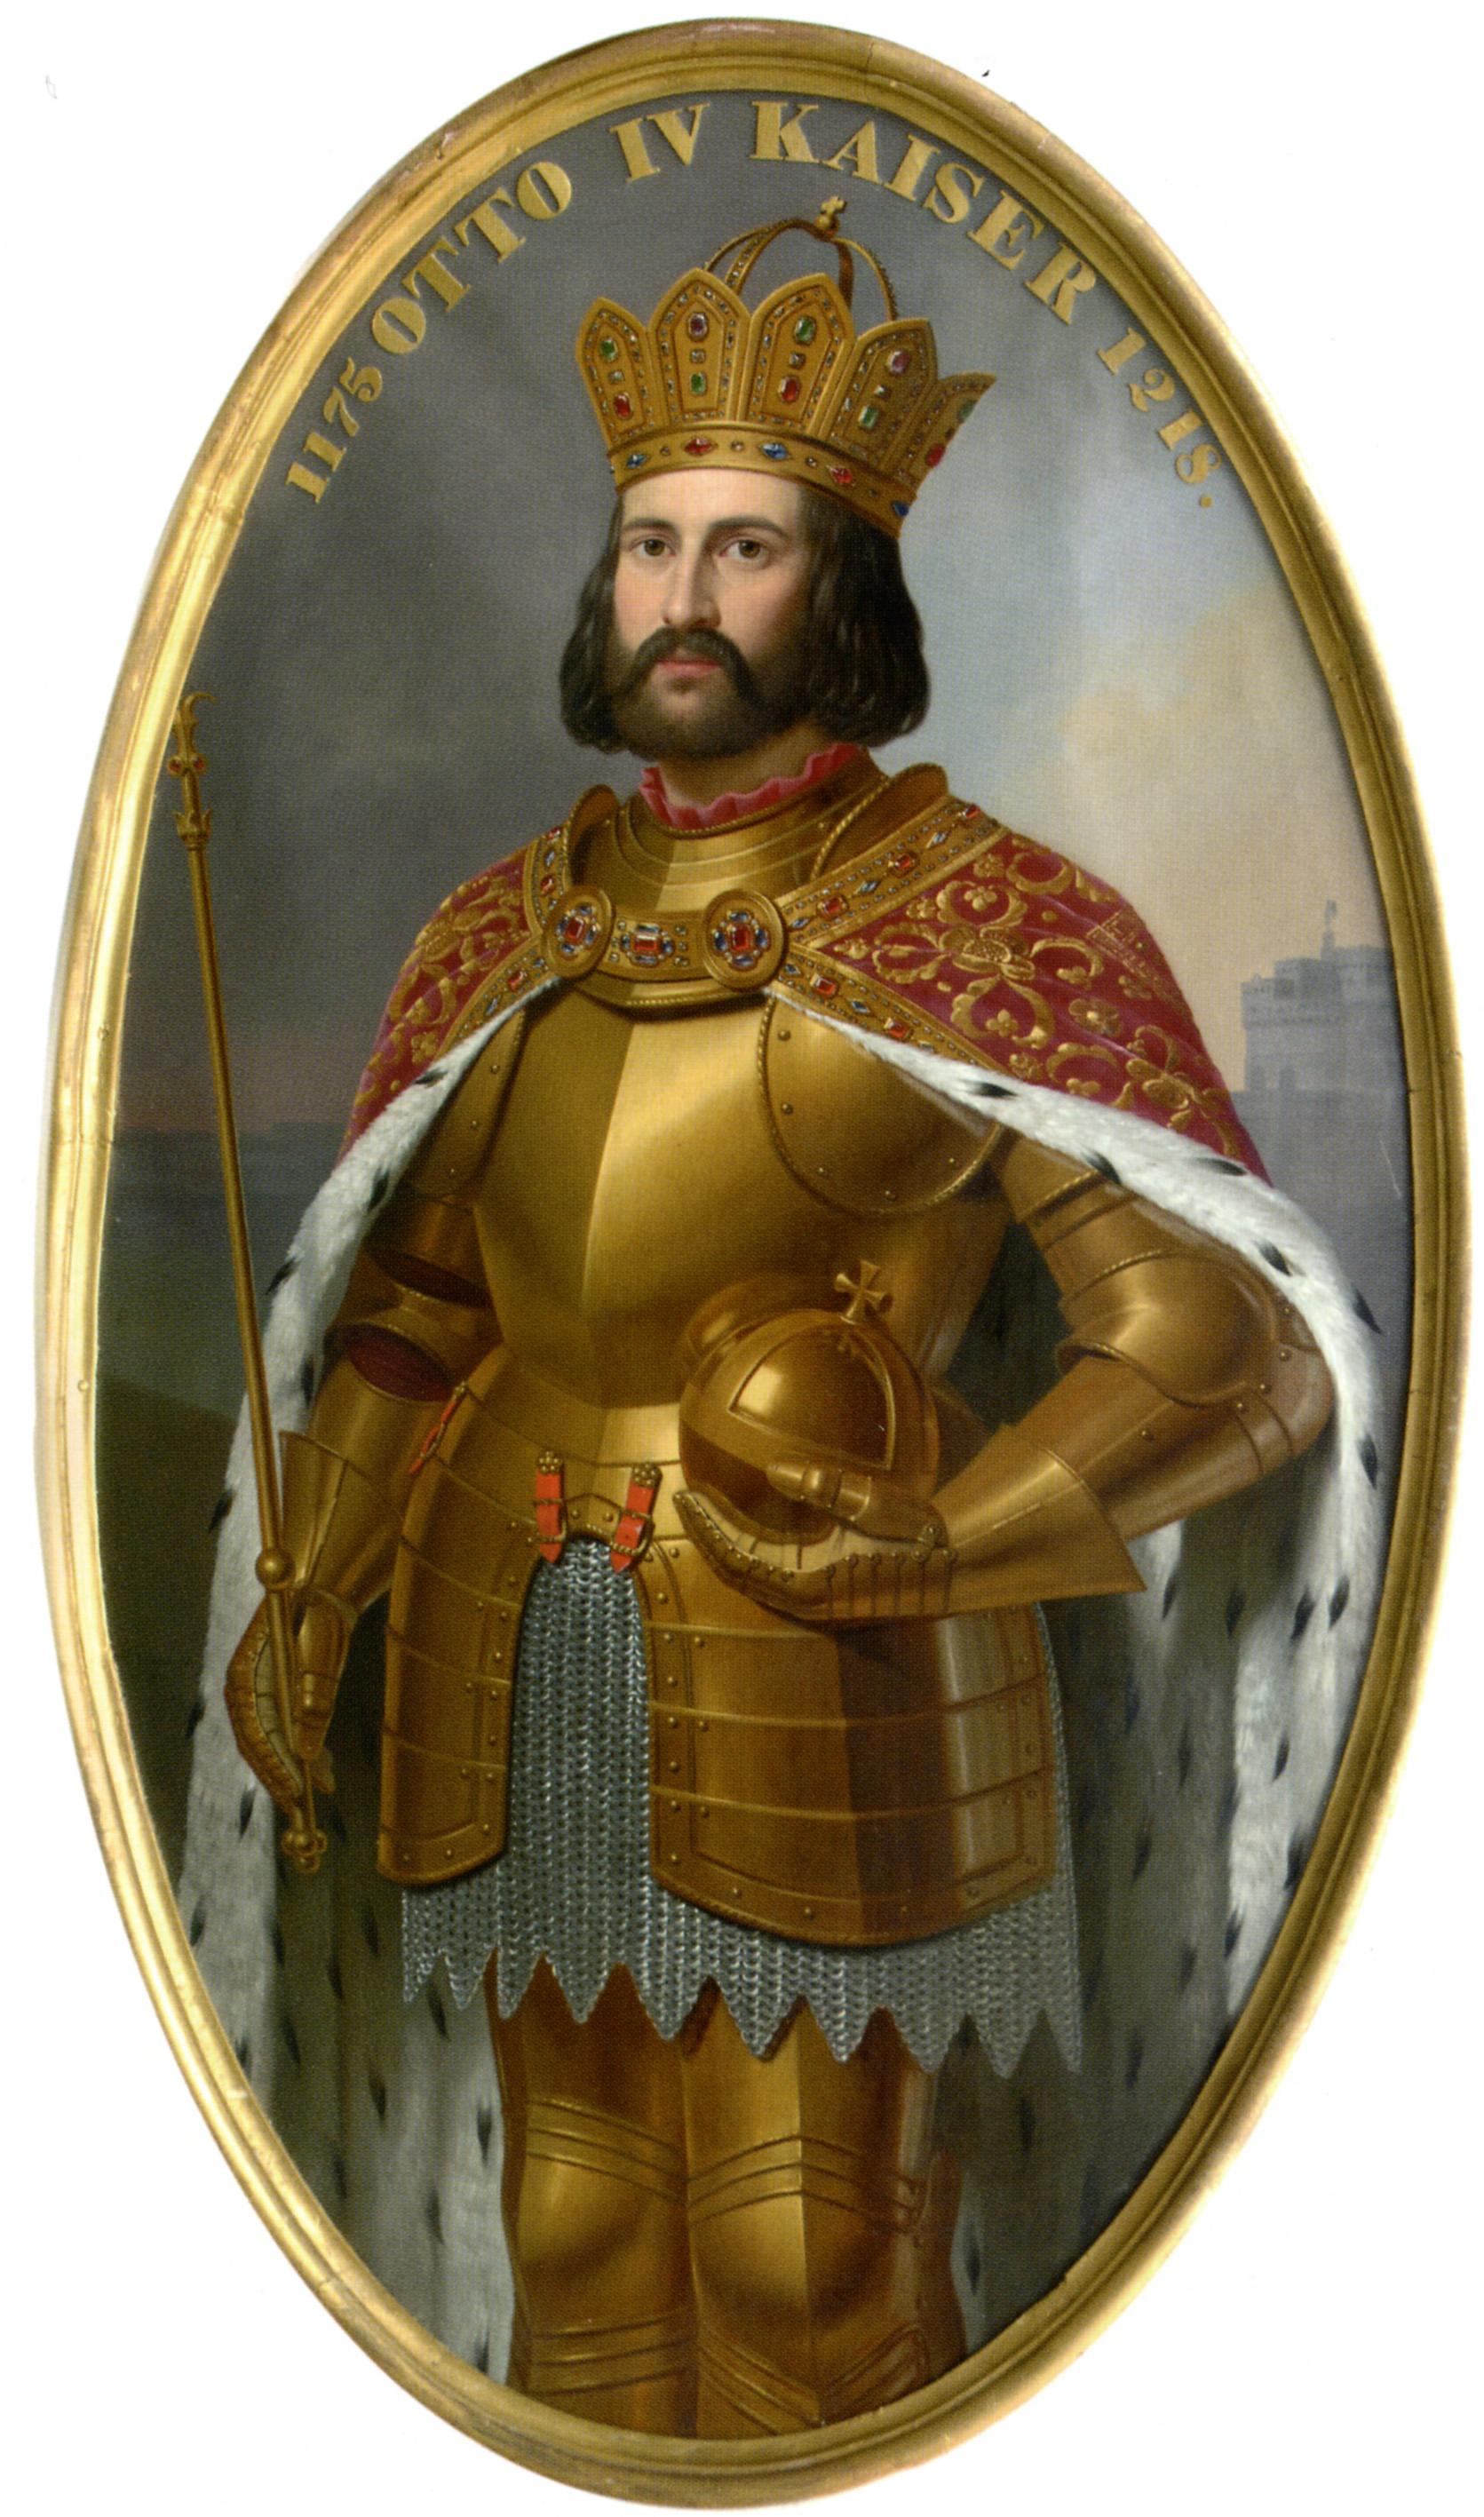 Otton IV Welf